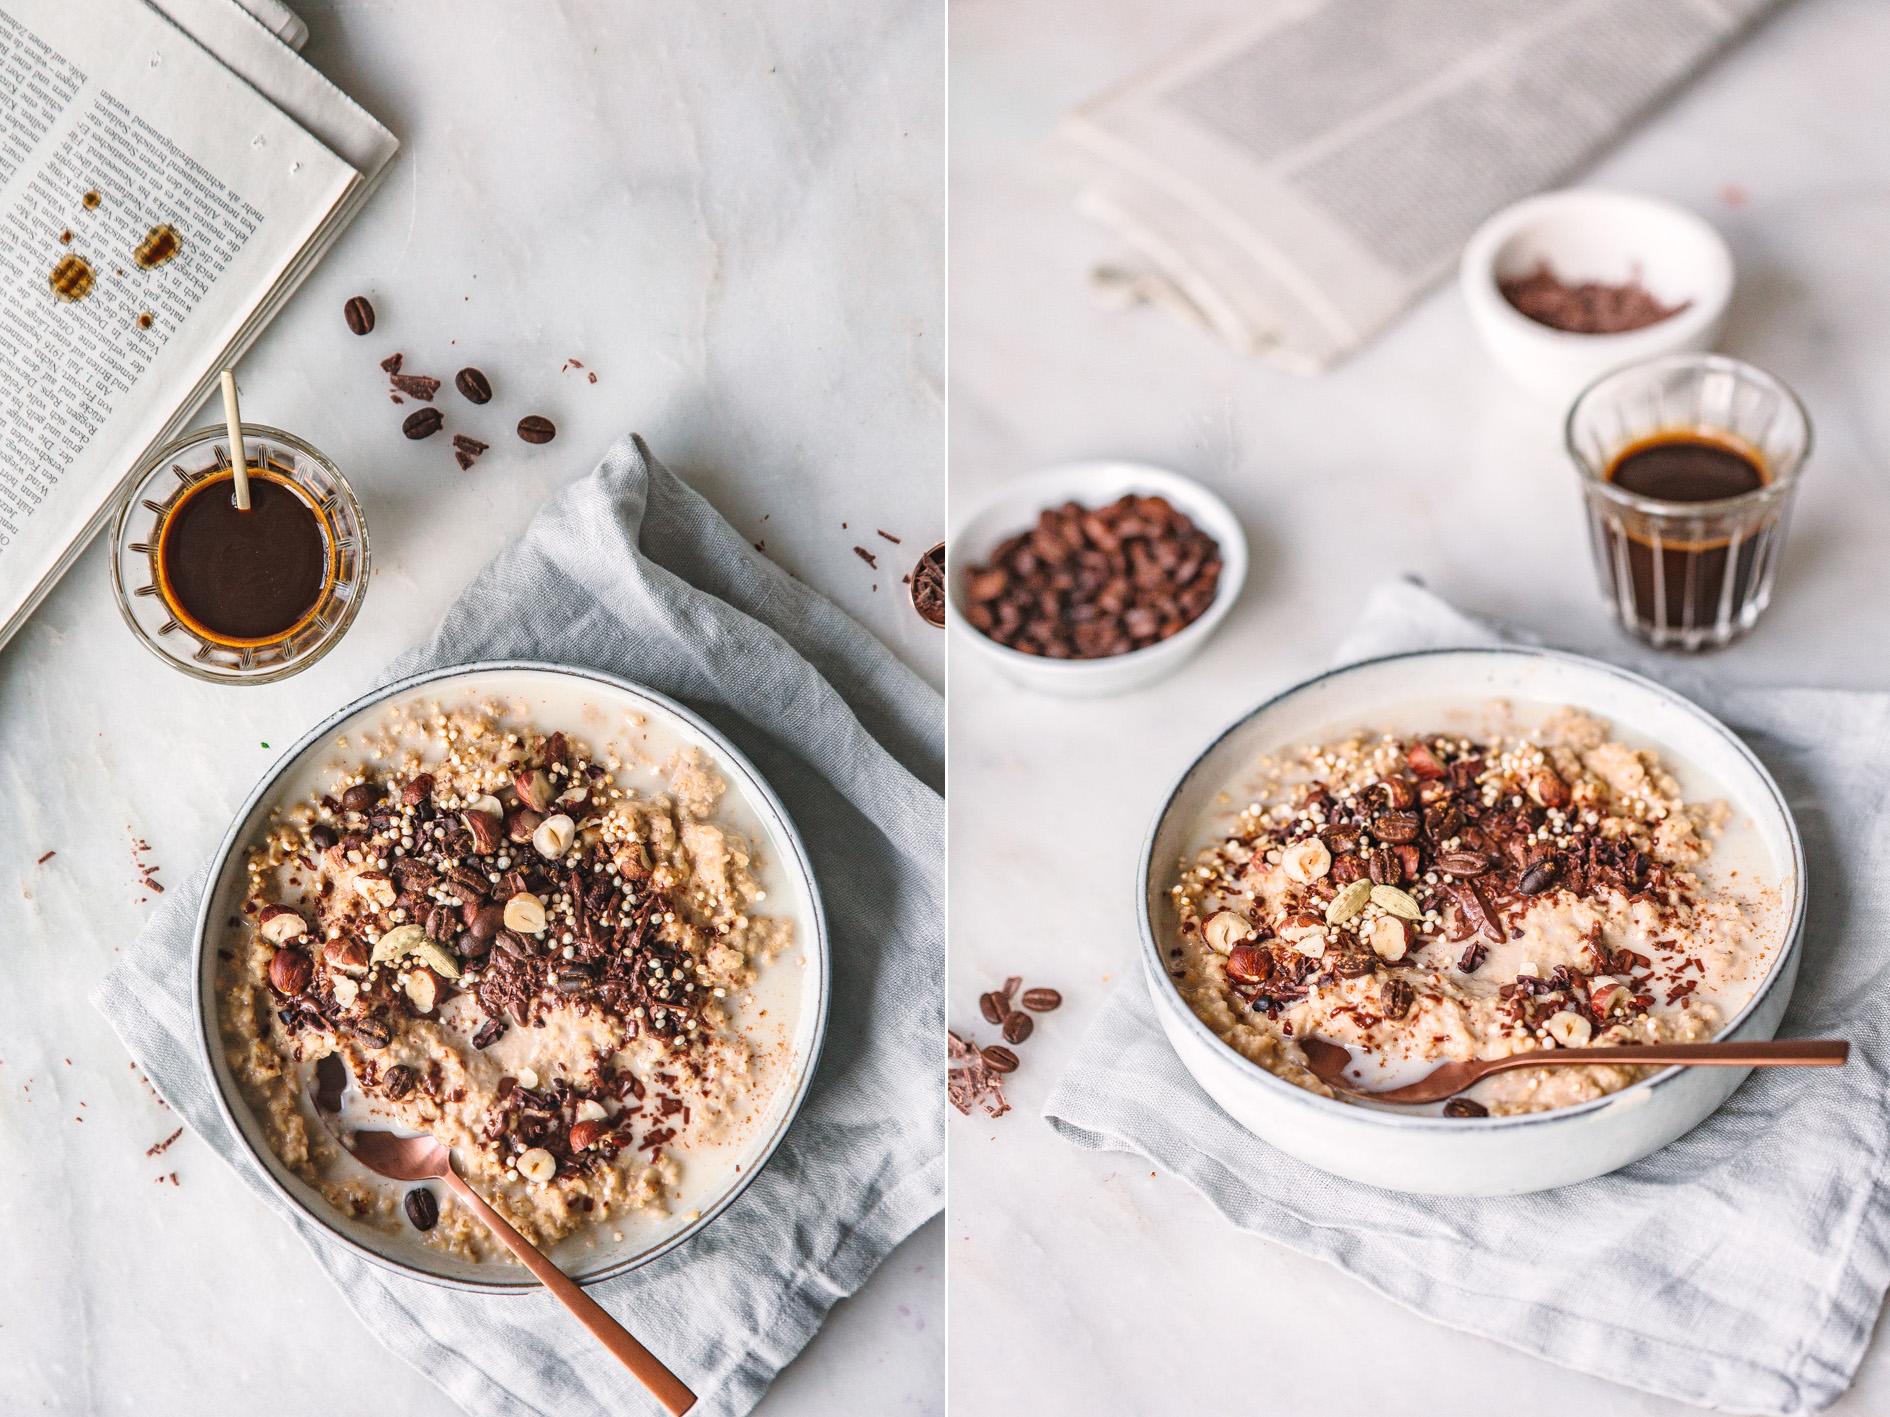 Haferflocken mit Kaffee und Schokolade